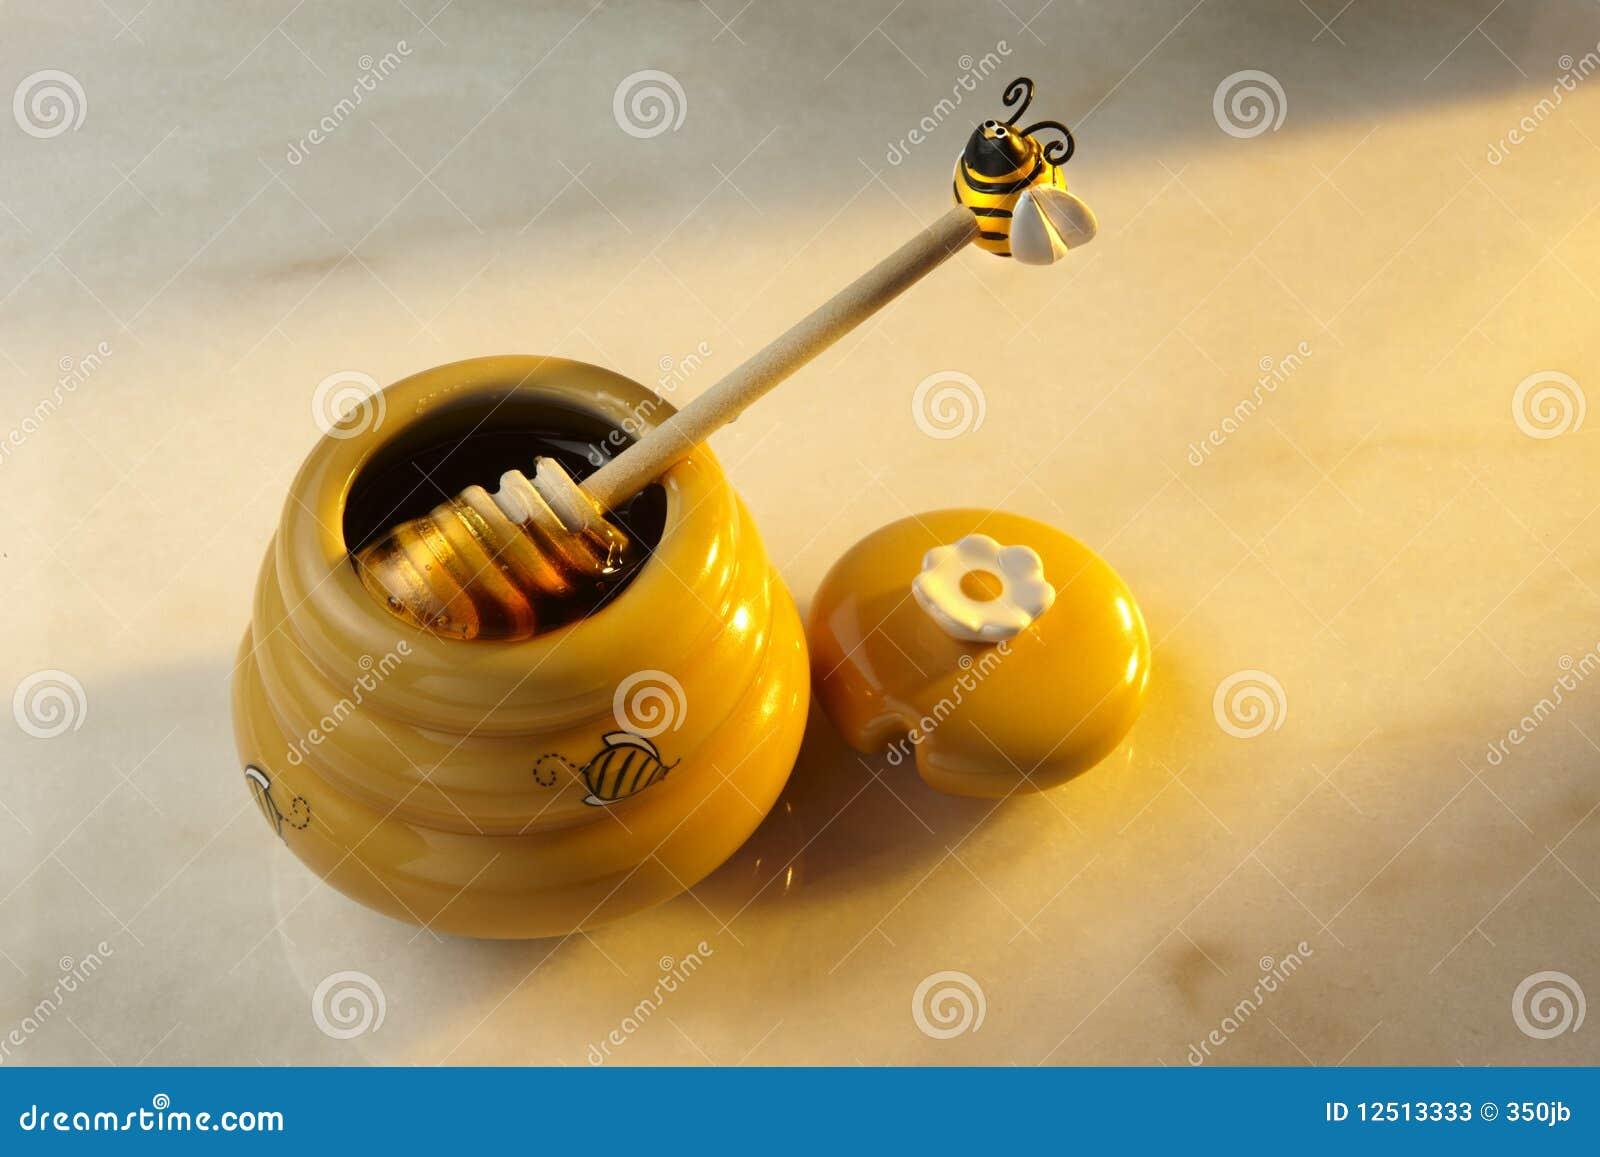 Choc de miel et dispositif d écoulement de miel